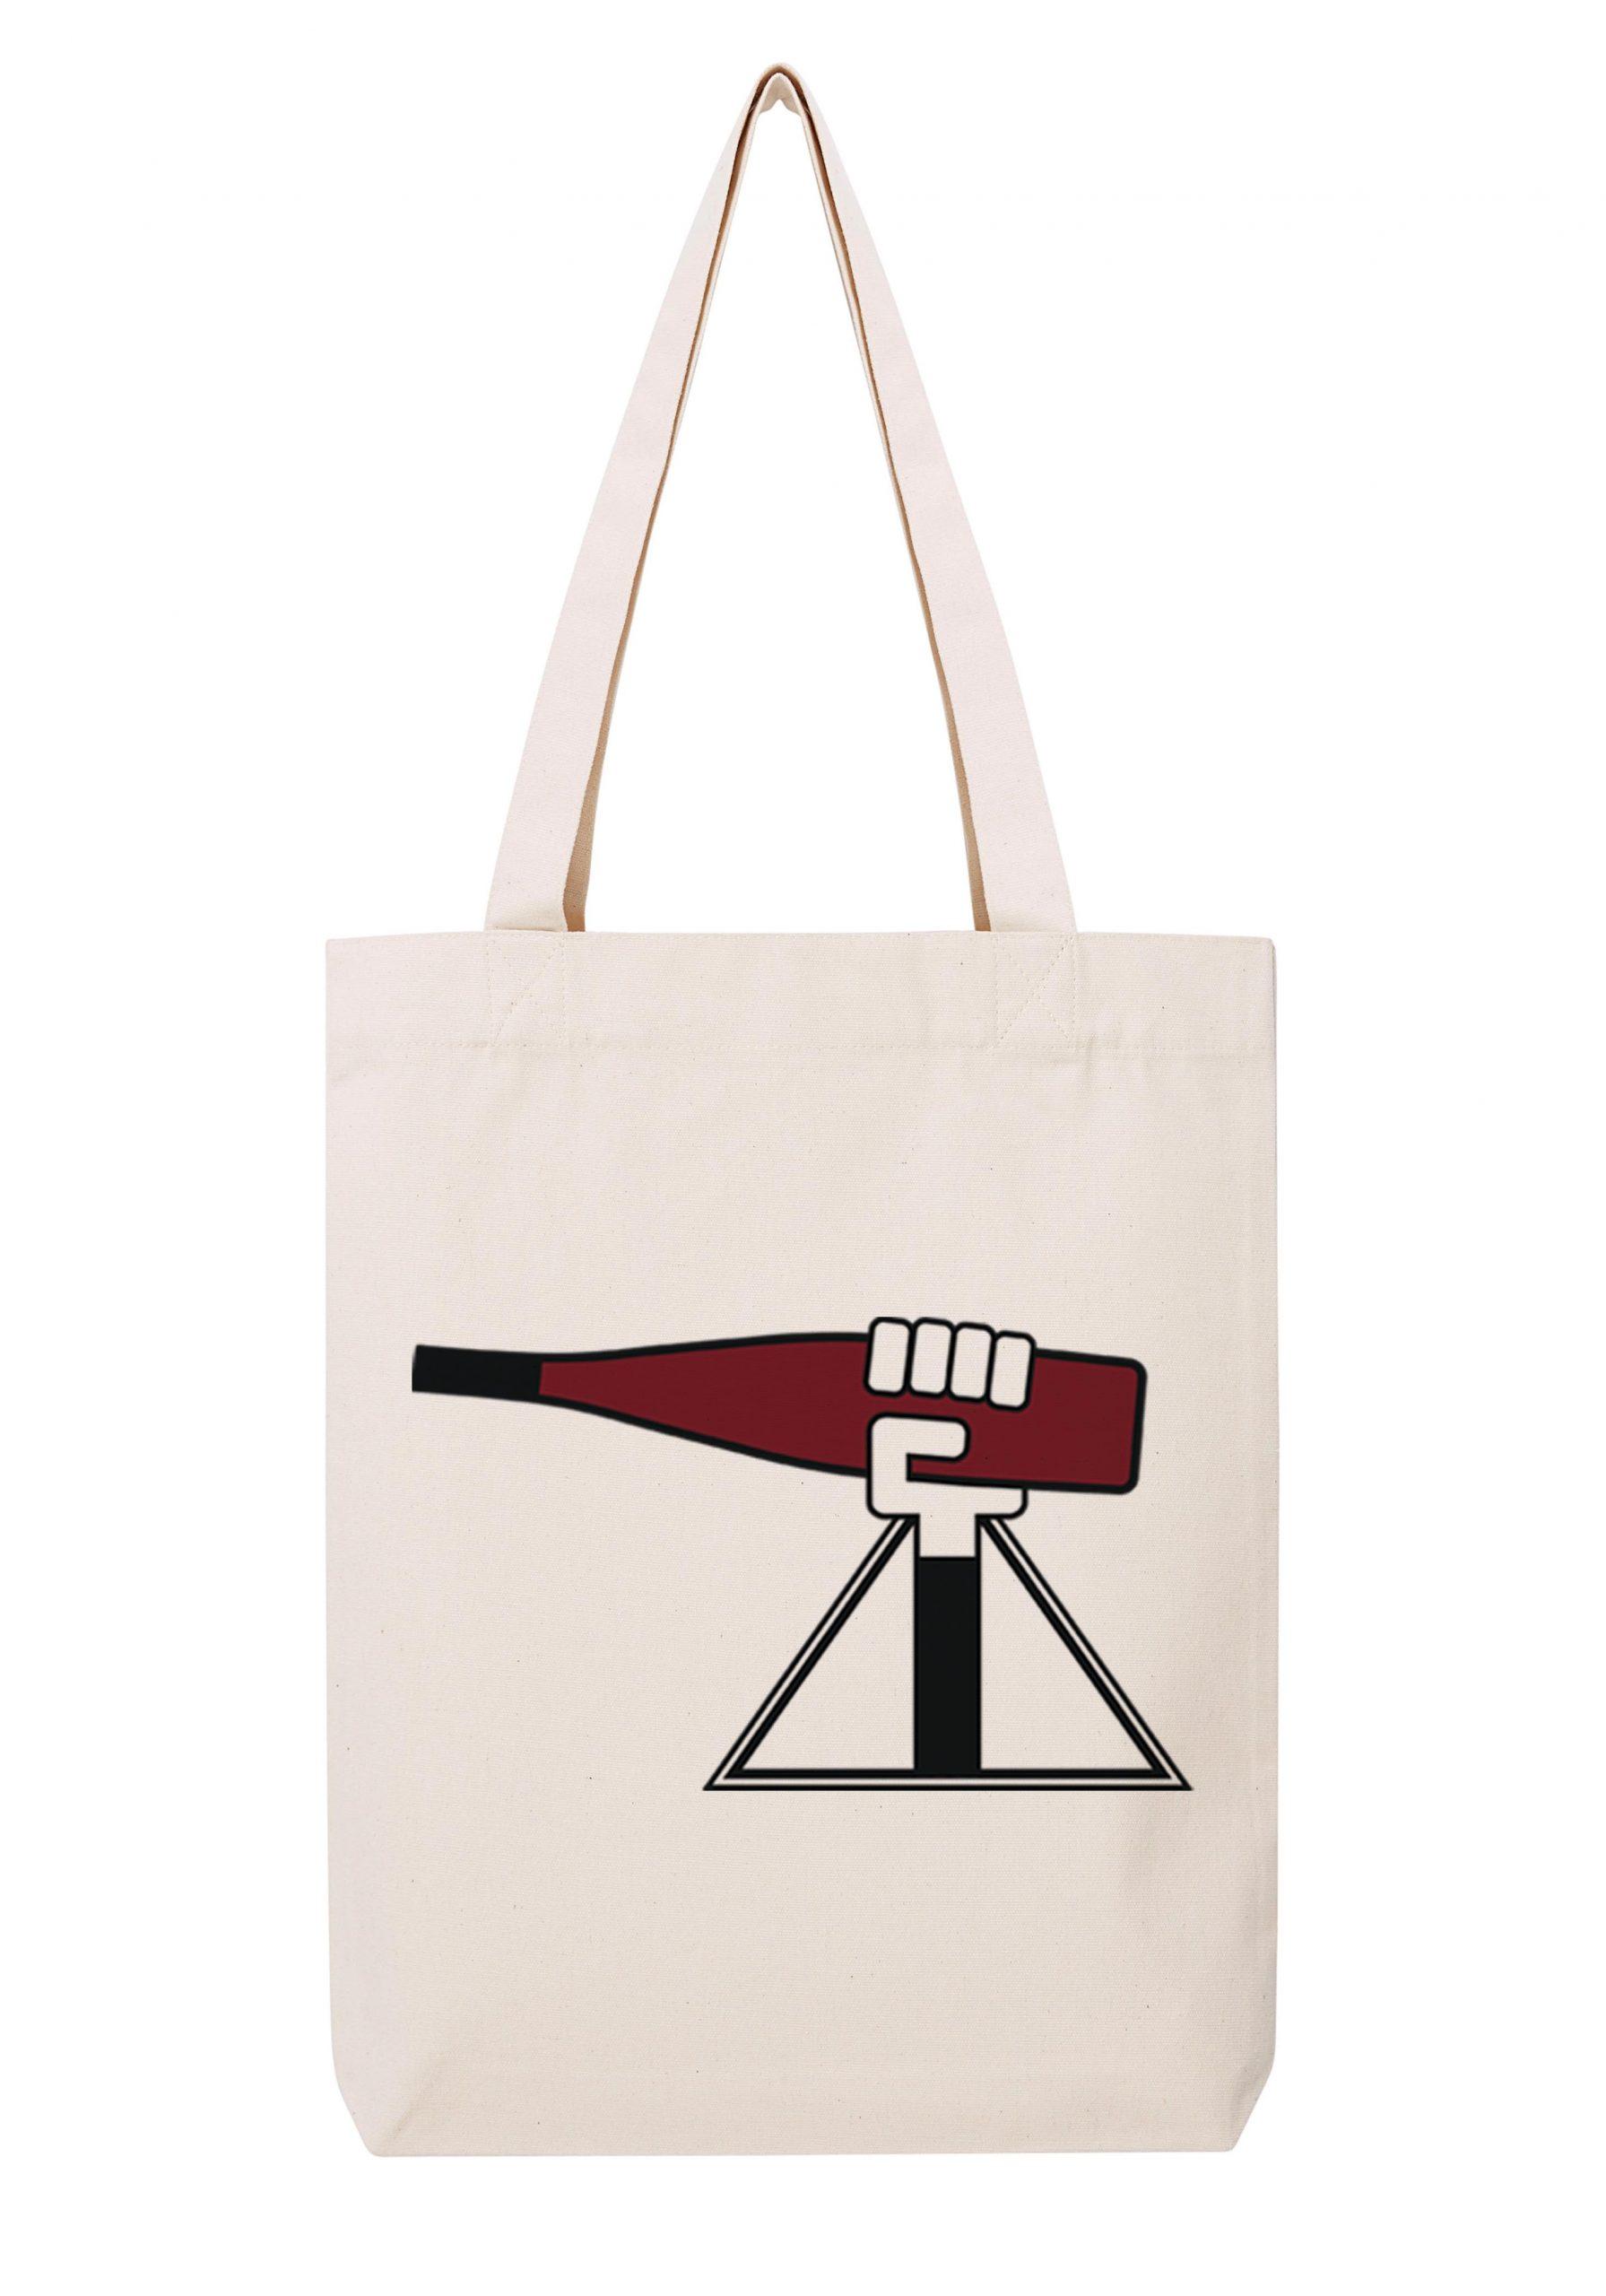 alsace homme rouge sac coton tote bag bio bocavi du vin dans ta penderie bouteilles viticole vigneron wine